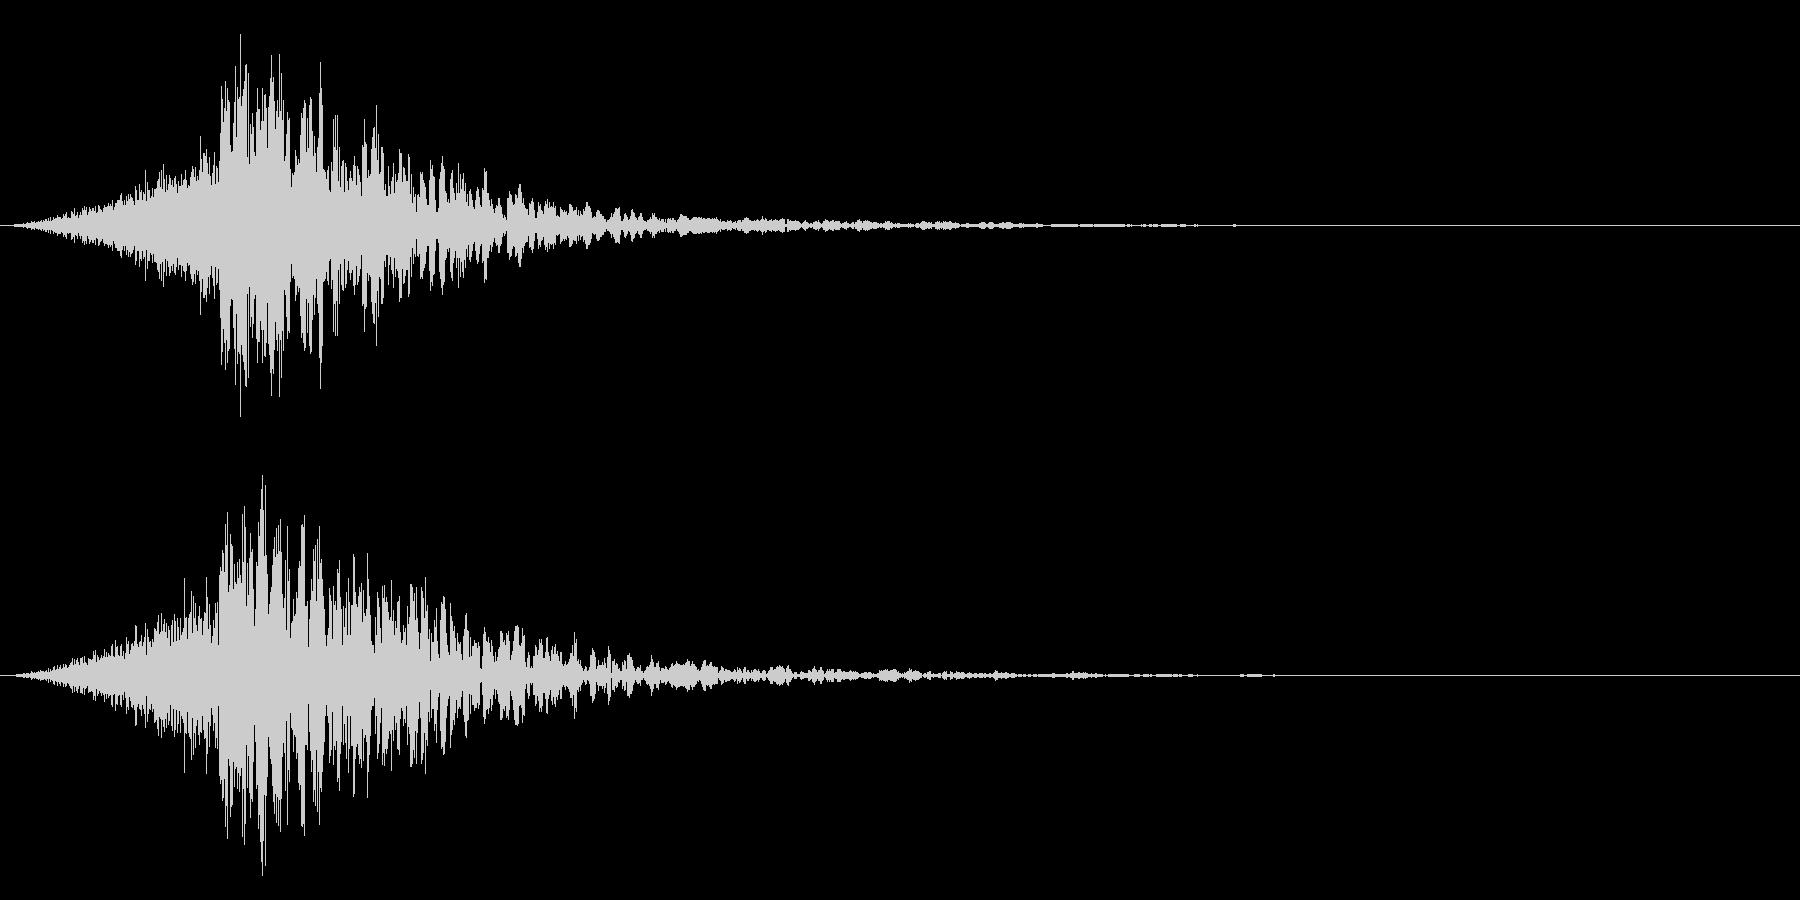 シュードーン-38-4(インパクト音)の未再生の波形